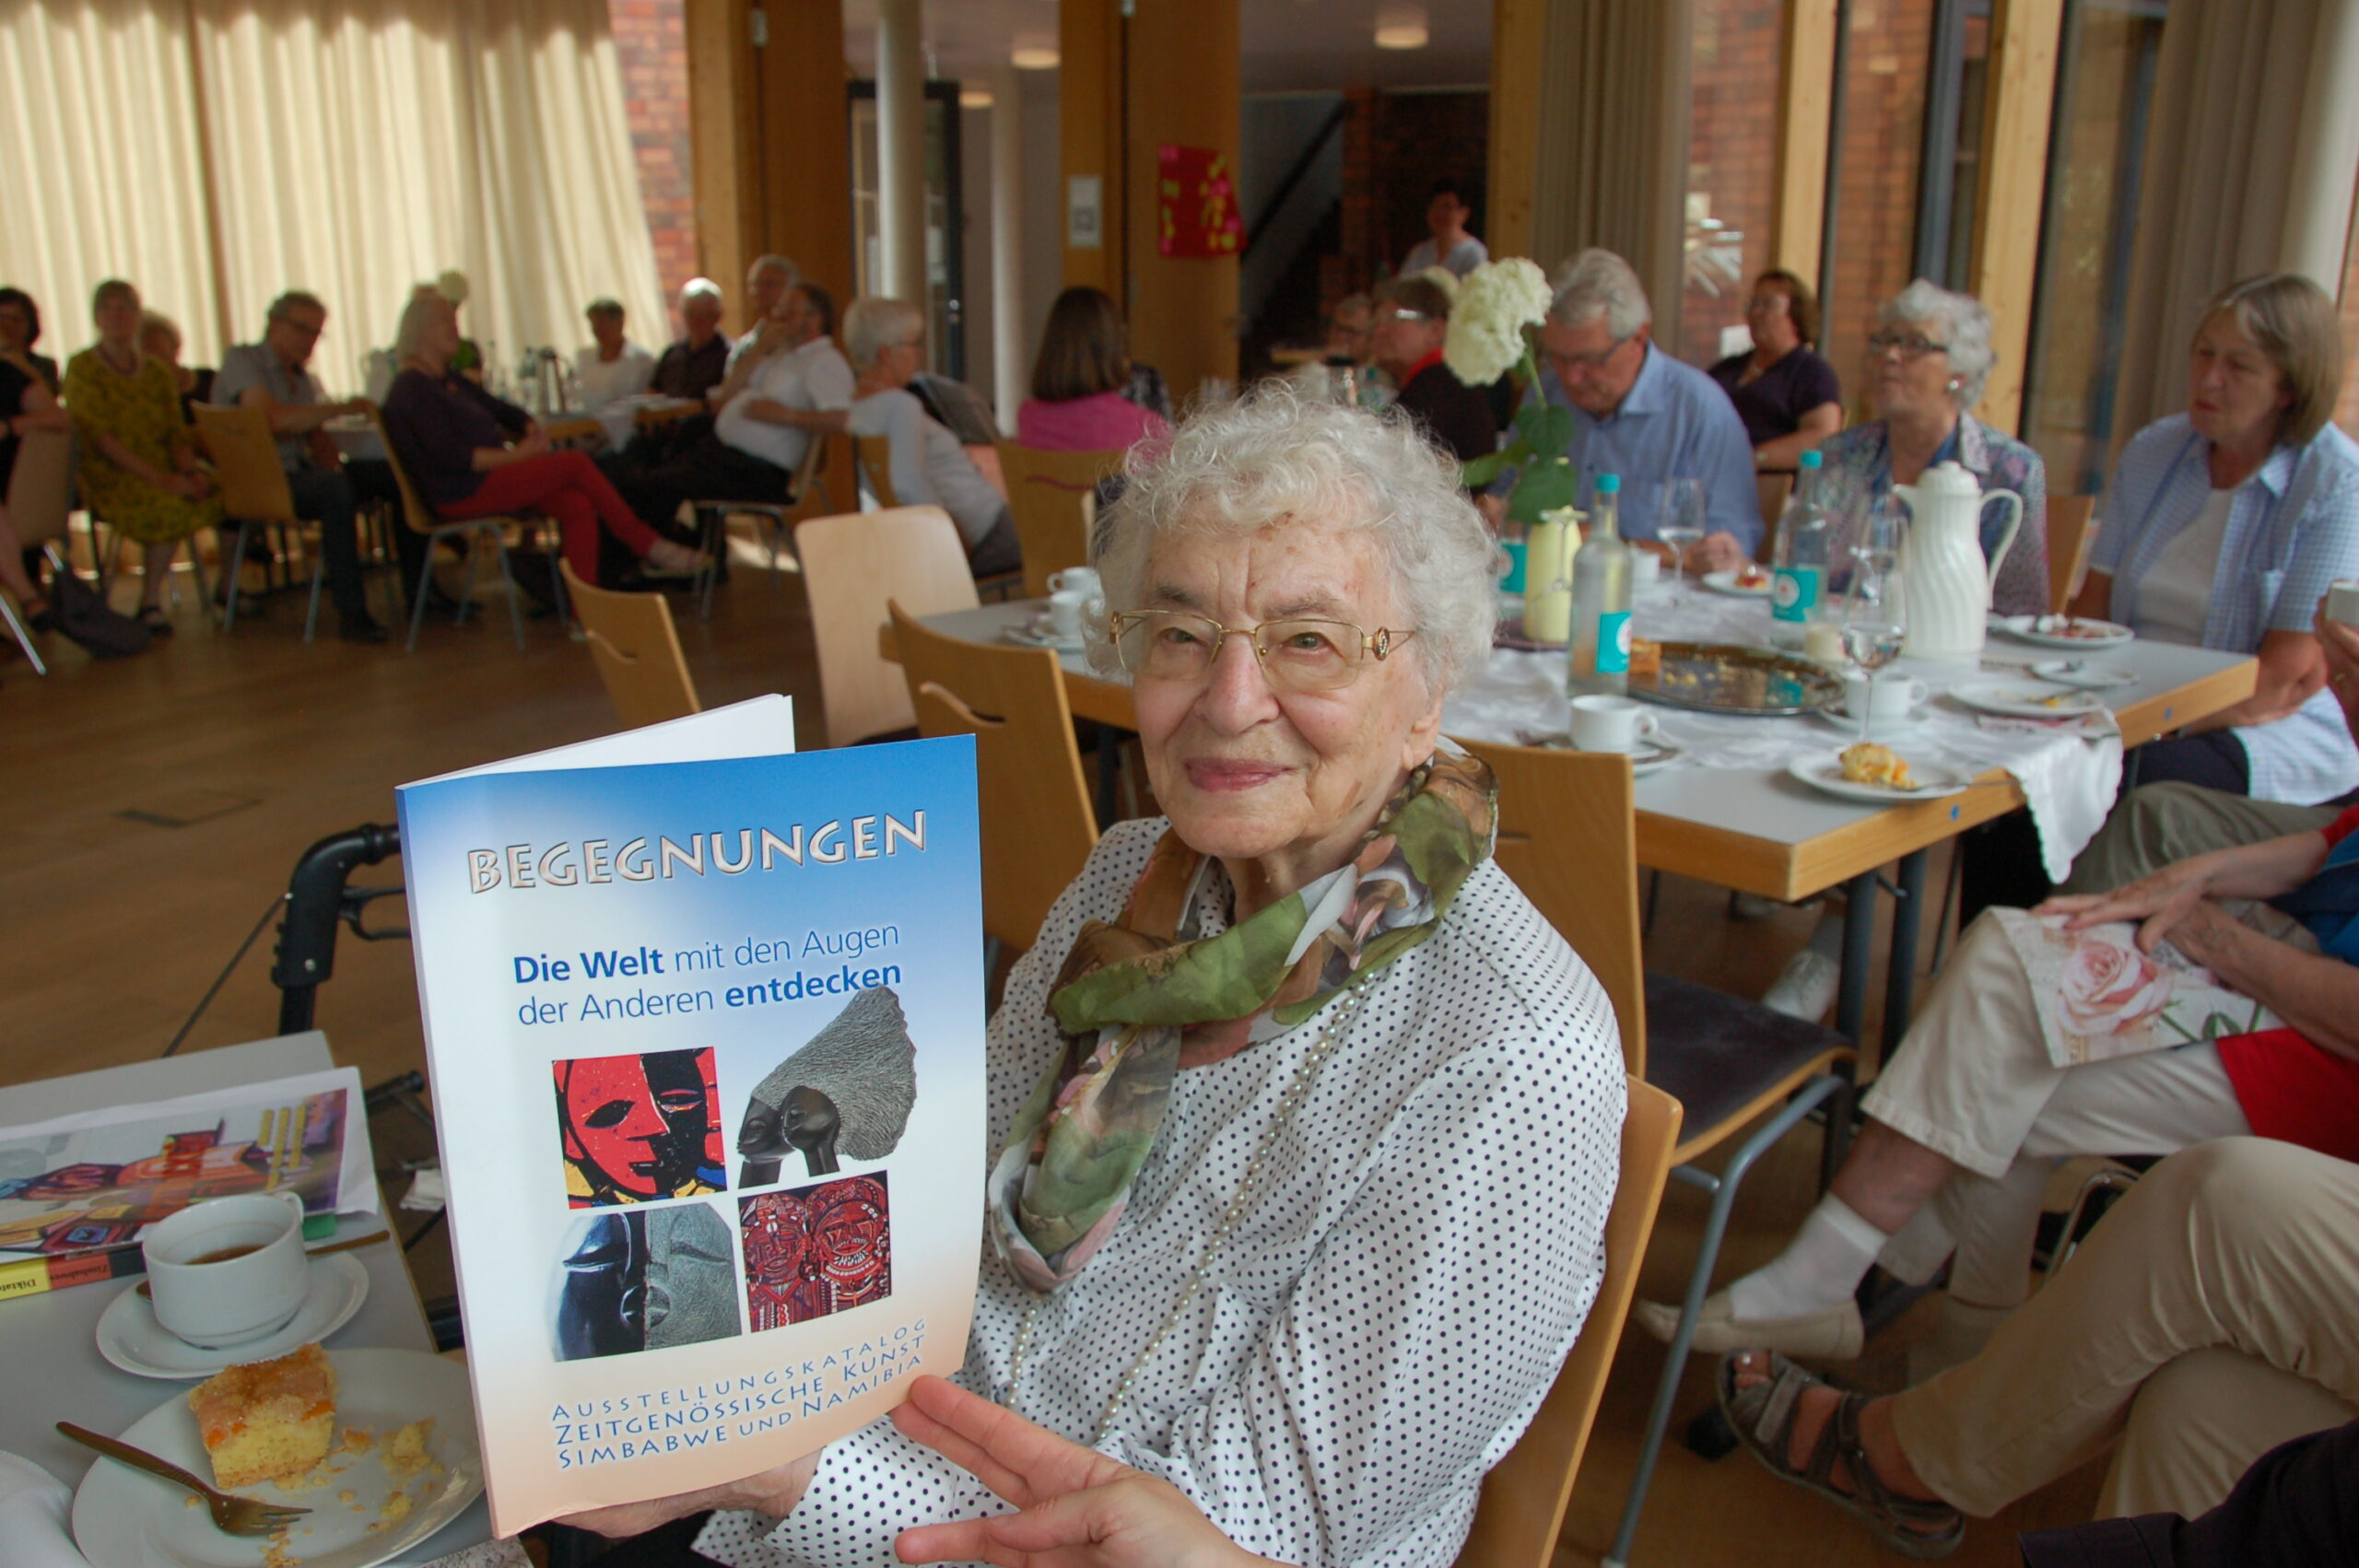 Unermüdlich für Menschenrechte und Toleranz –     Ruth Weiss an ihrem 97sten Geburtstag